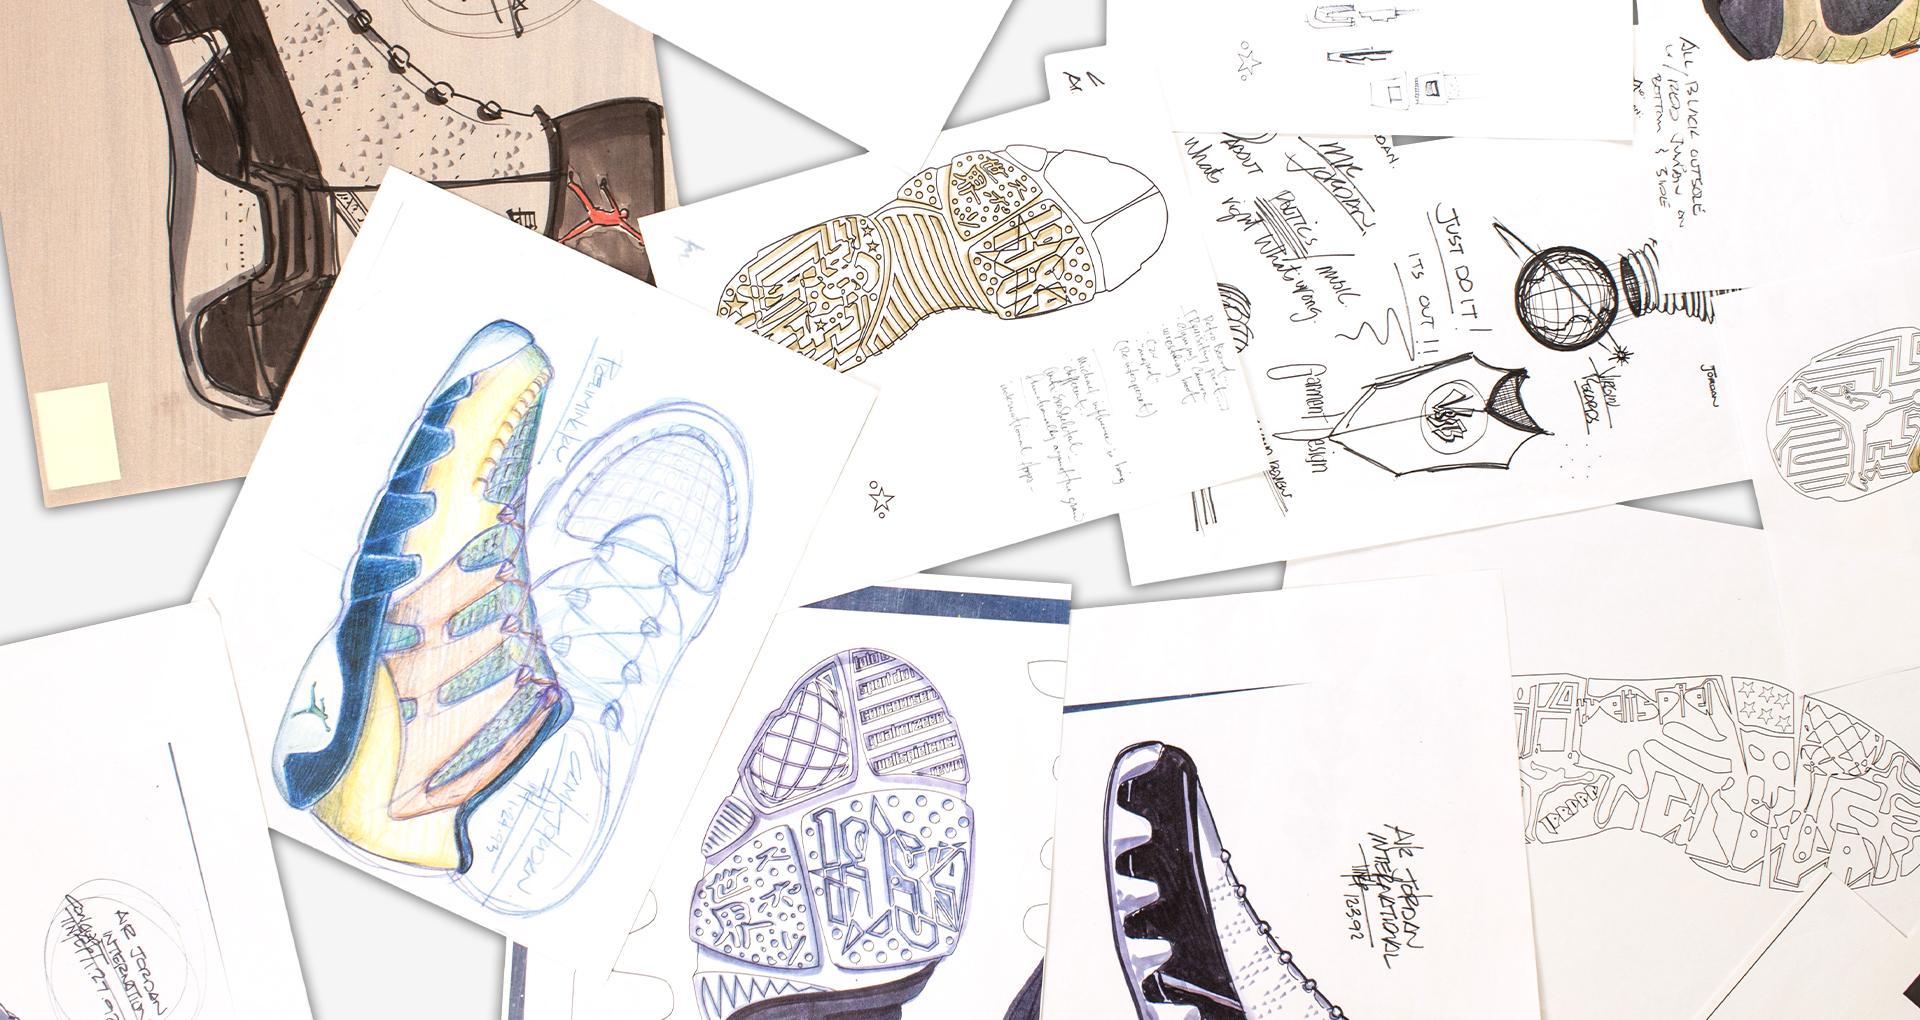 Air Jordan 9 Design Sketch 1